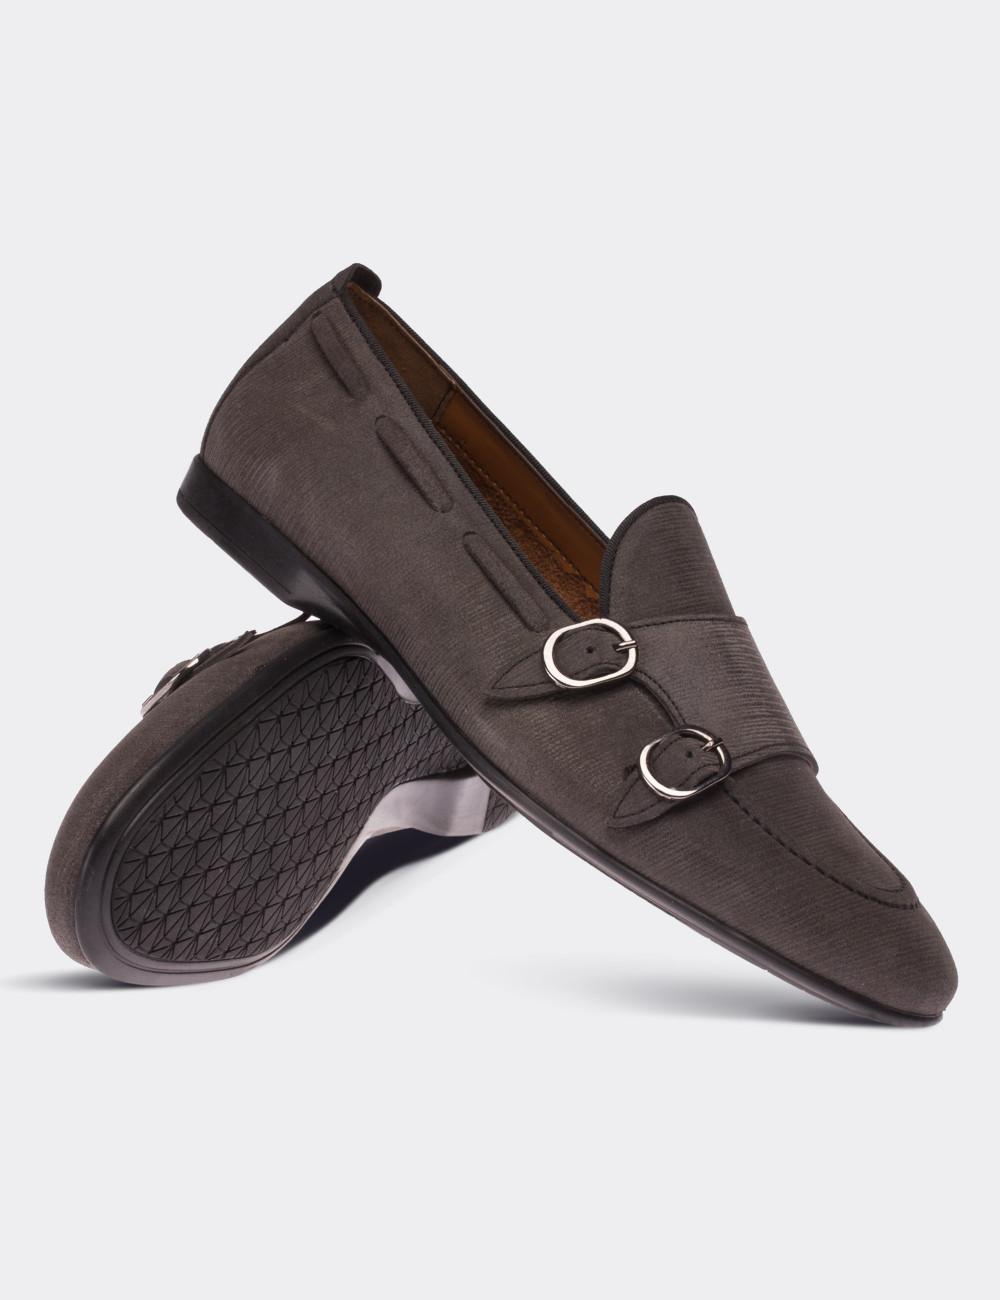 Hakiki Nubuk Vizon Rengi Çift Tokalı Erkek Ayakkabı - 01645MVZNC01